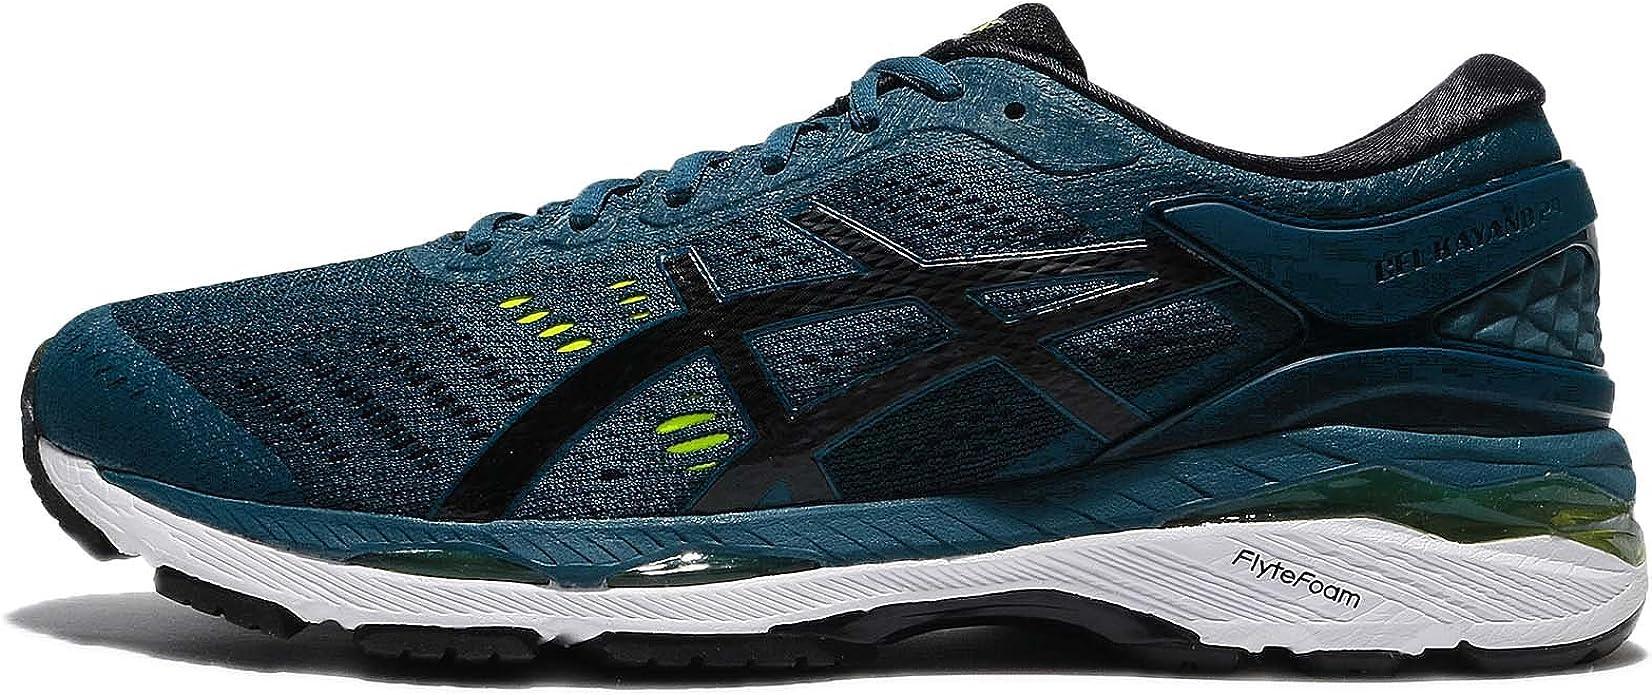 Asics Gel-Kayano 24 Zapatillas para Correr - 40: Amazon.es: Zapatos y complementos